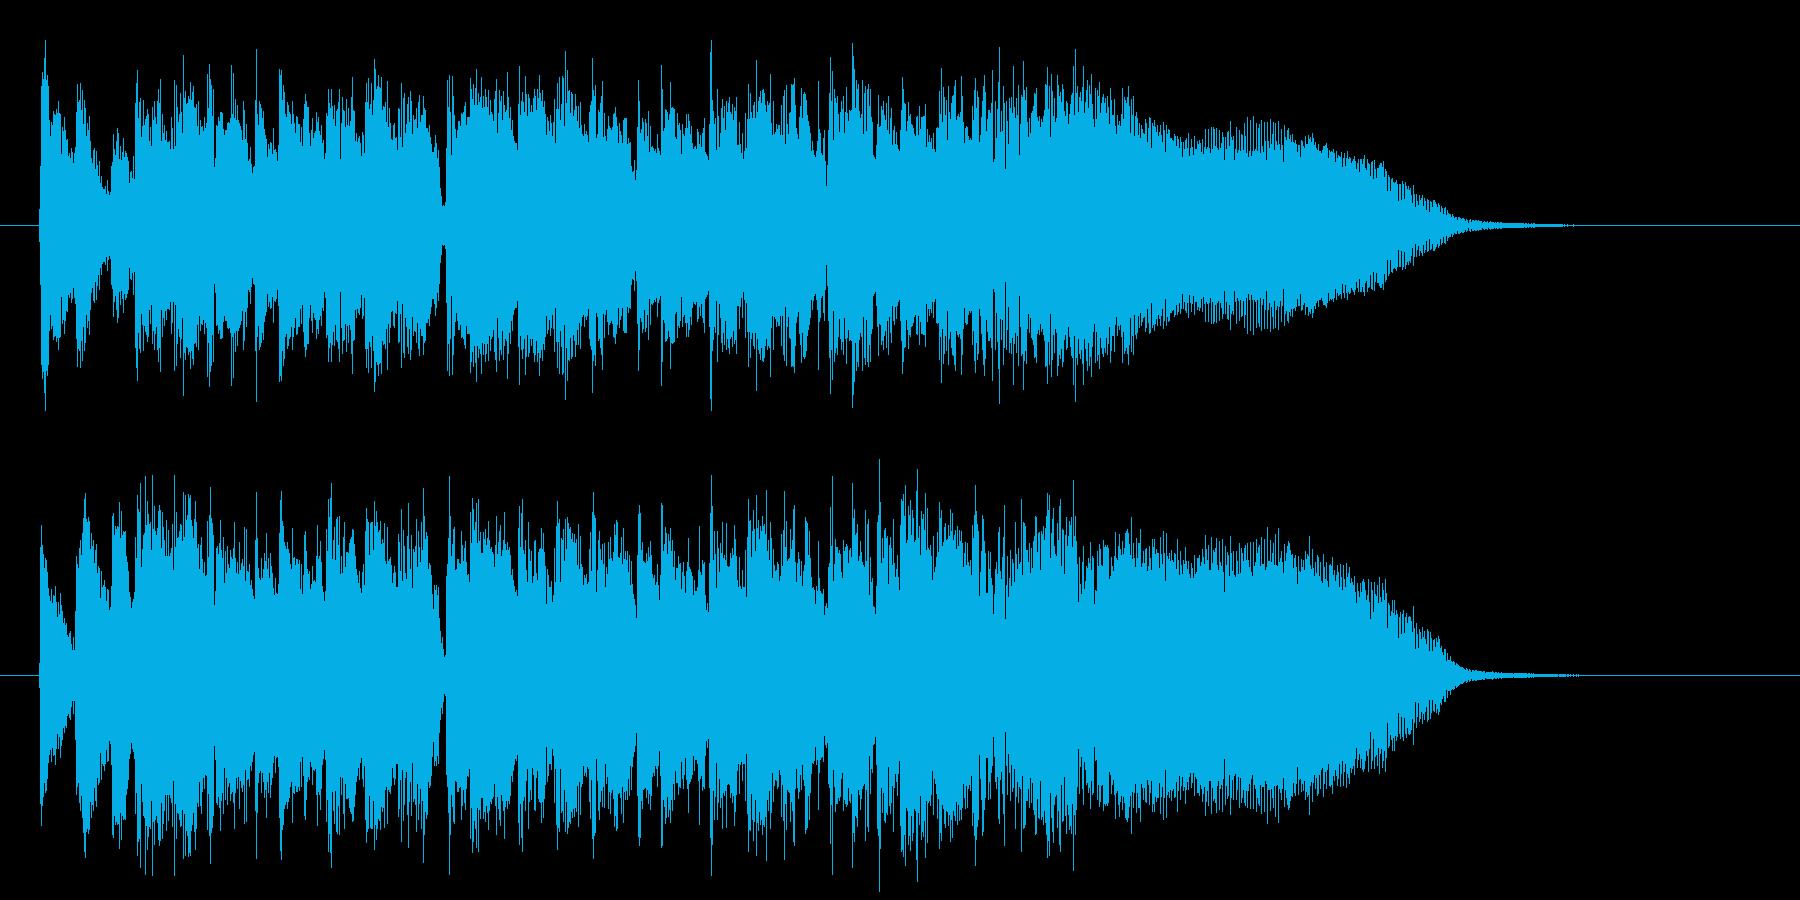 ワクワク感と爽やかシンセサイザーサウンドの再生済みの波形